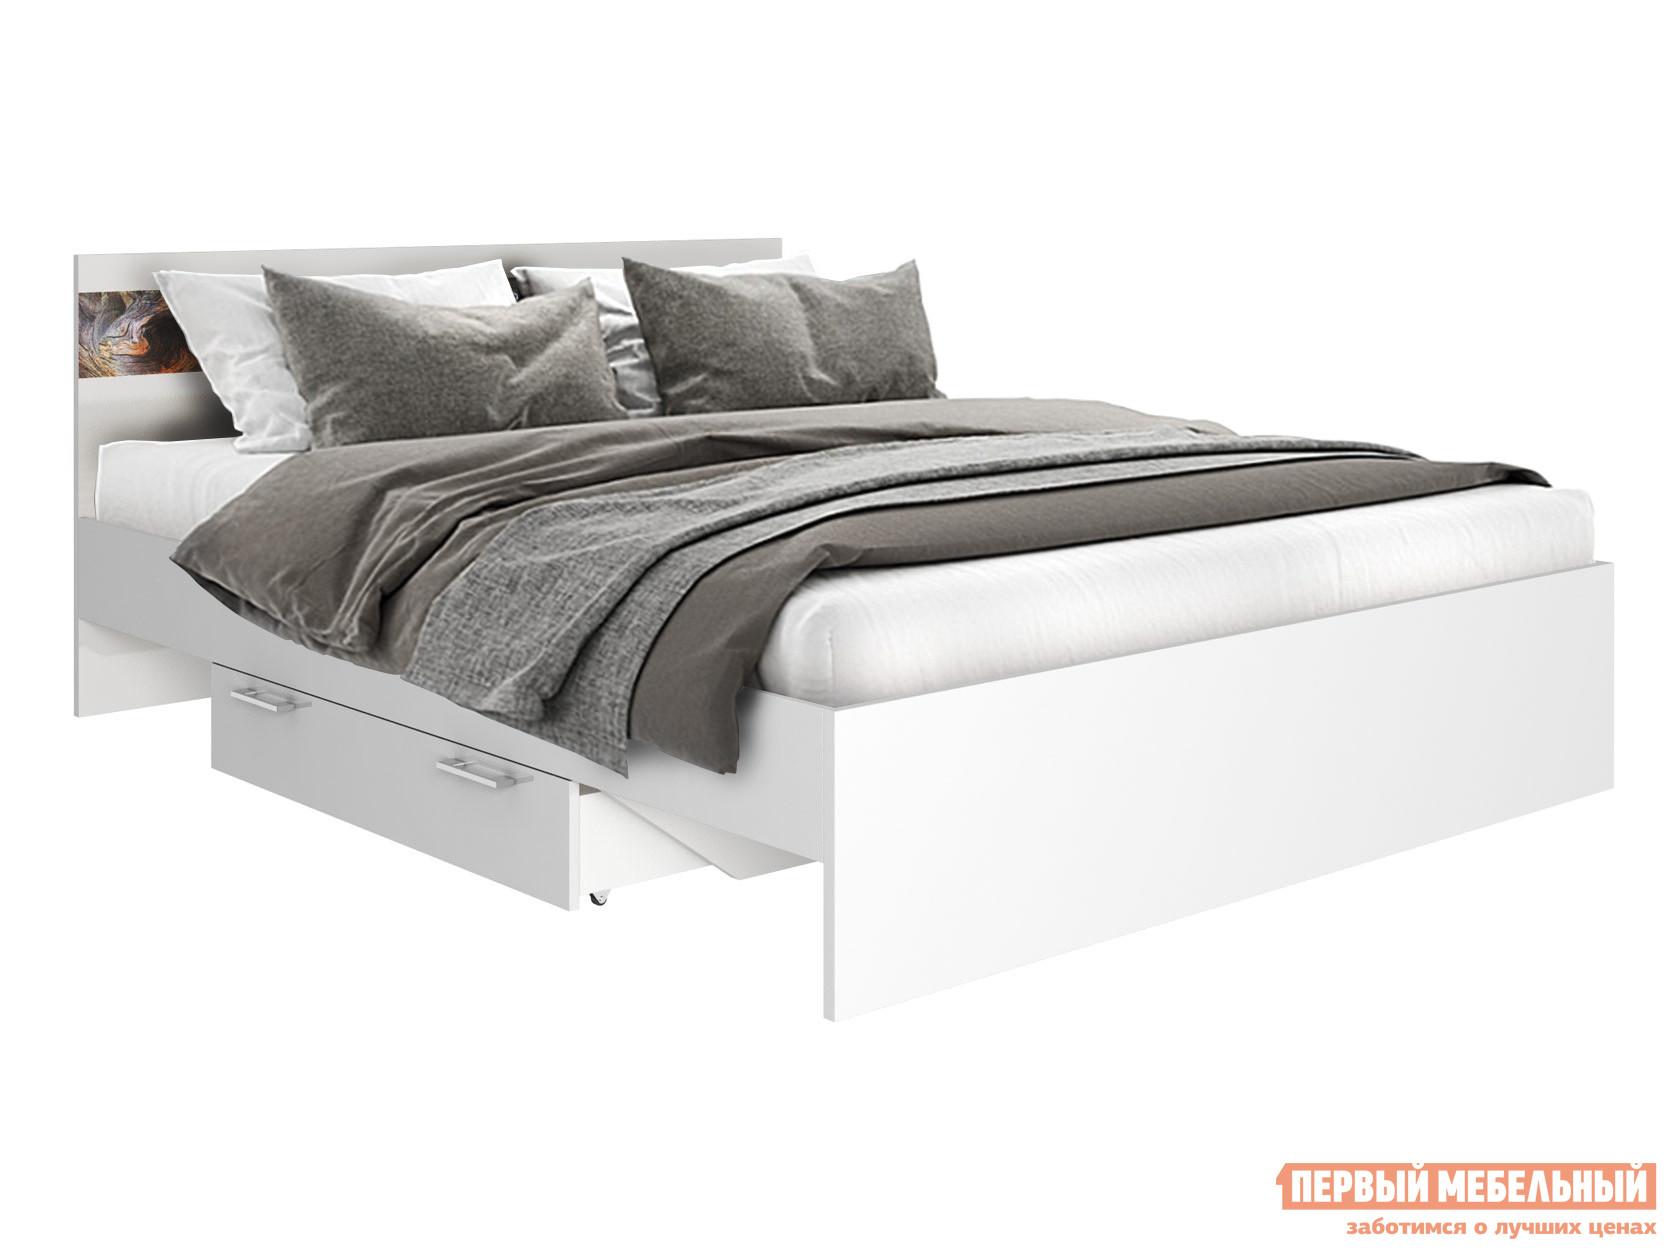 Двуспальная кровать Первый Мебельный Кровать Санта Моника 160х200 + Ящик для кровати Санта Моника 115,4х17,4х74,6